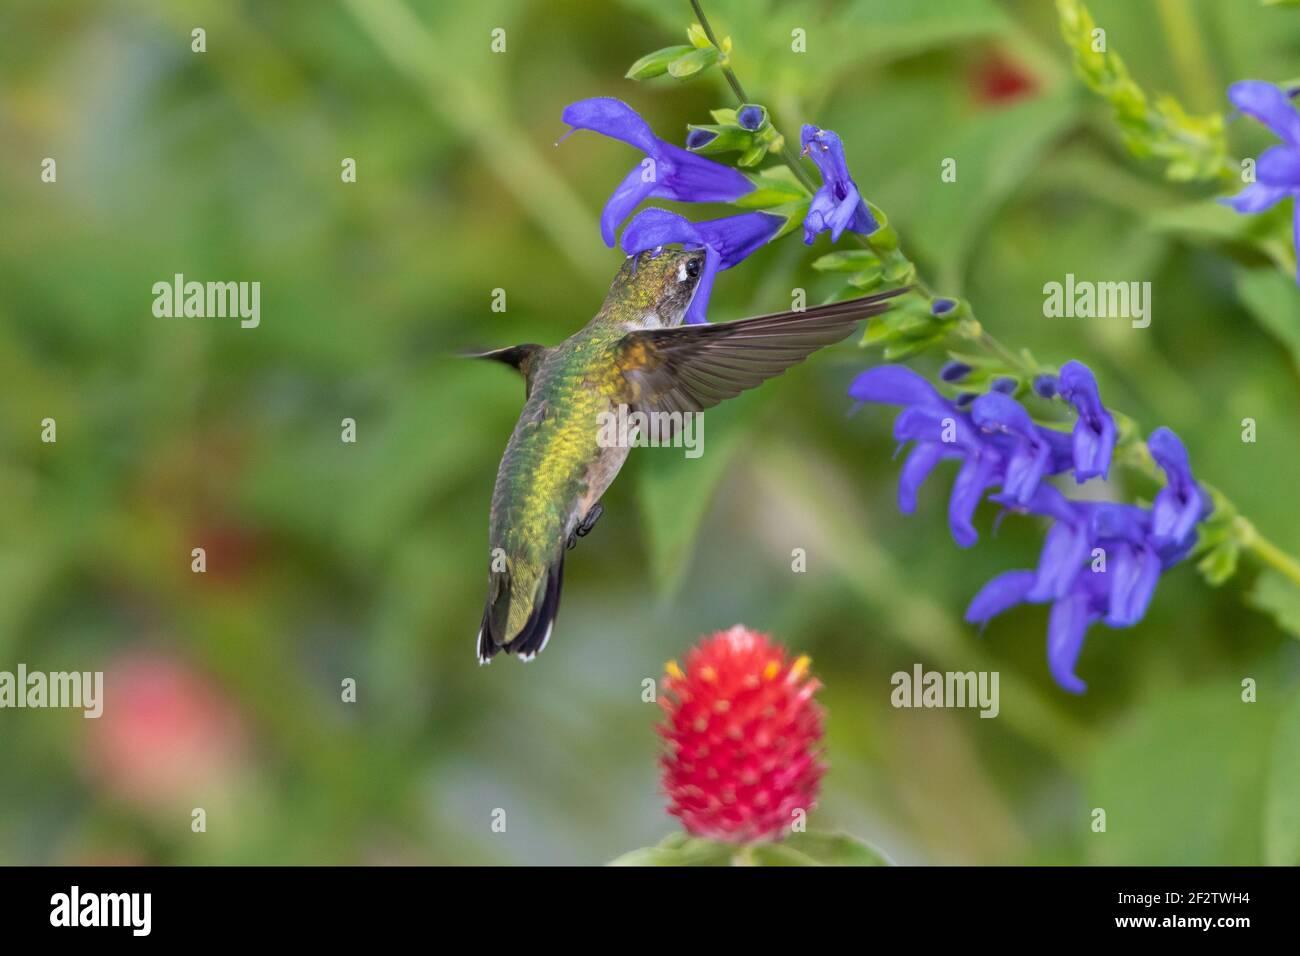 01162-15914 Hummingbird de garganta rubí (Archilochus colubris) en el Blue Ensign Salvia (Salvia guaranitica ' Blue Ensign') Marion Co. IL Foto de stock